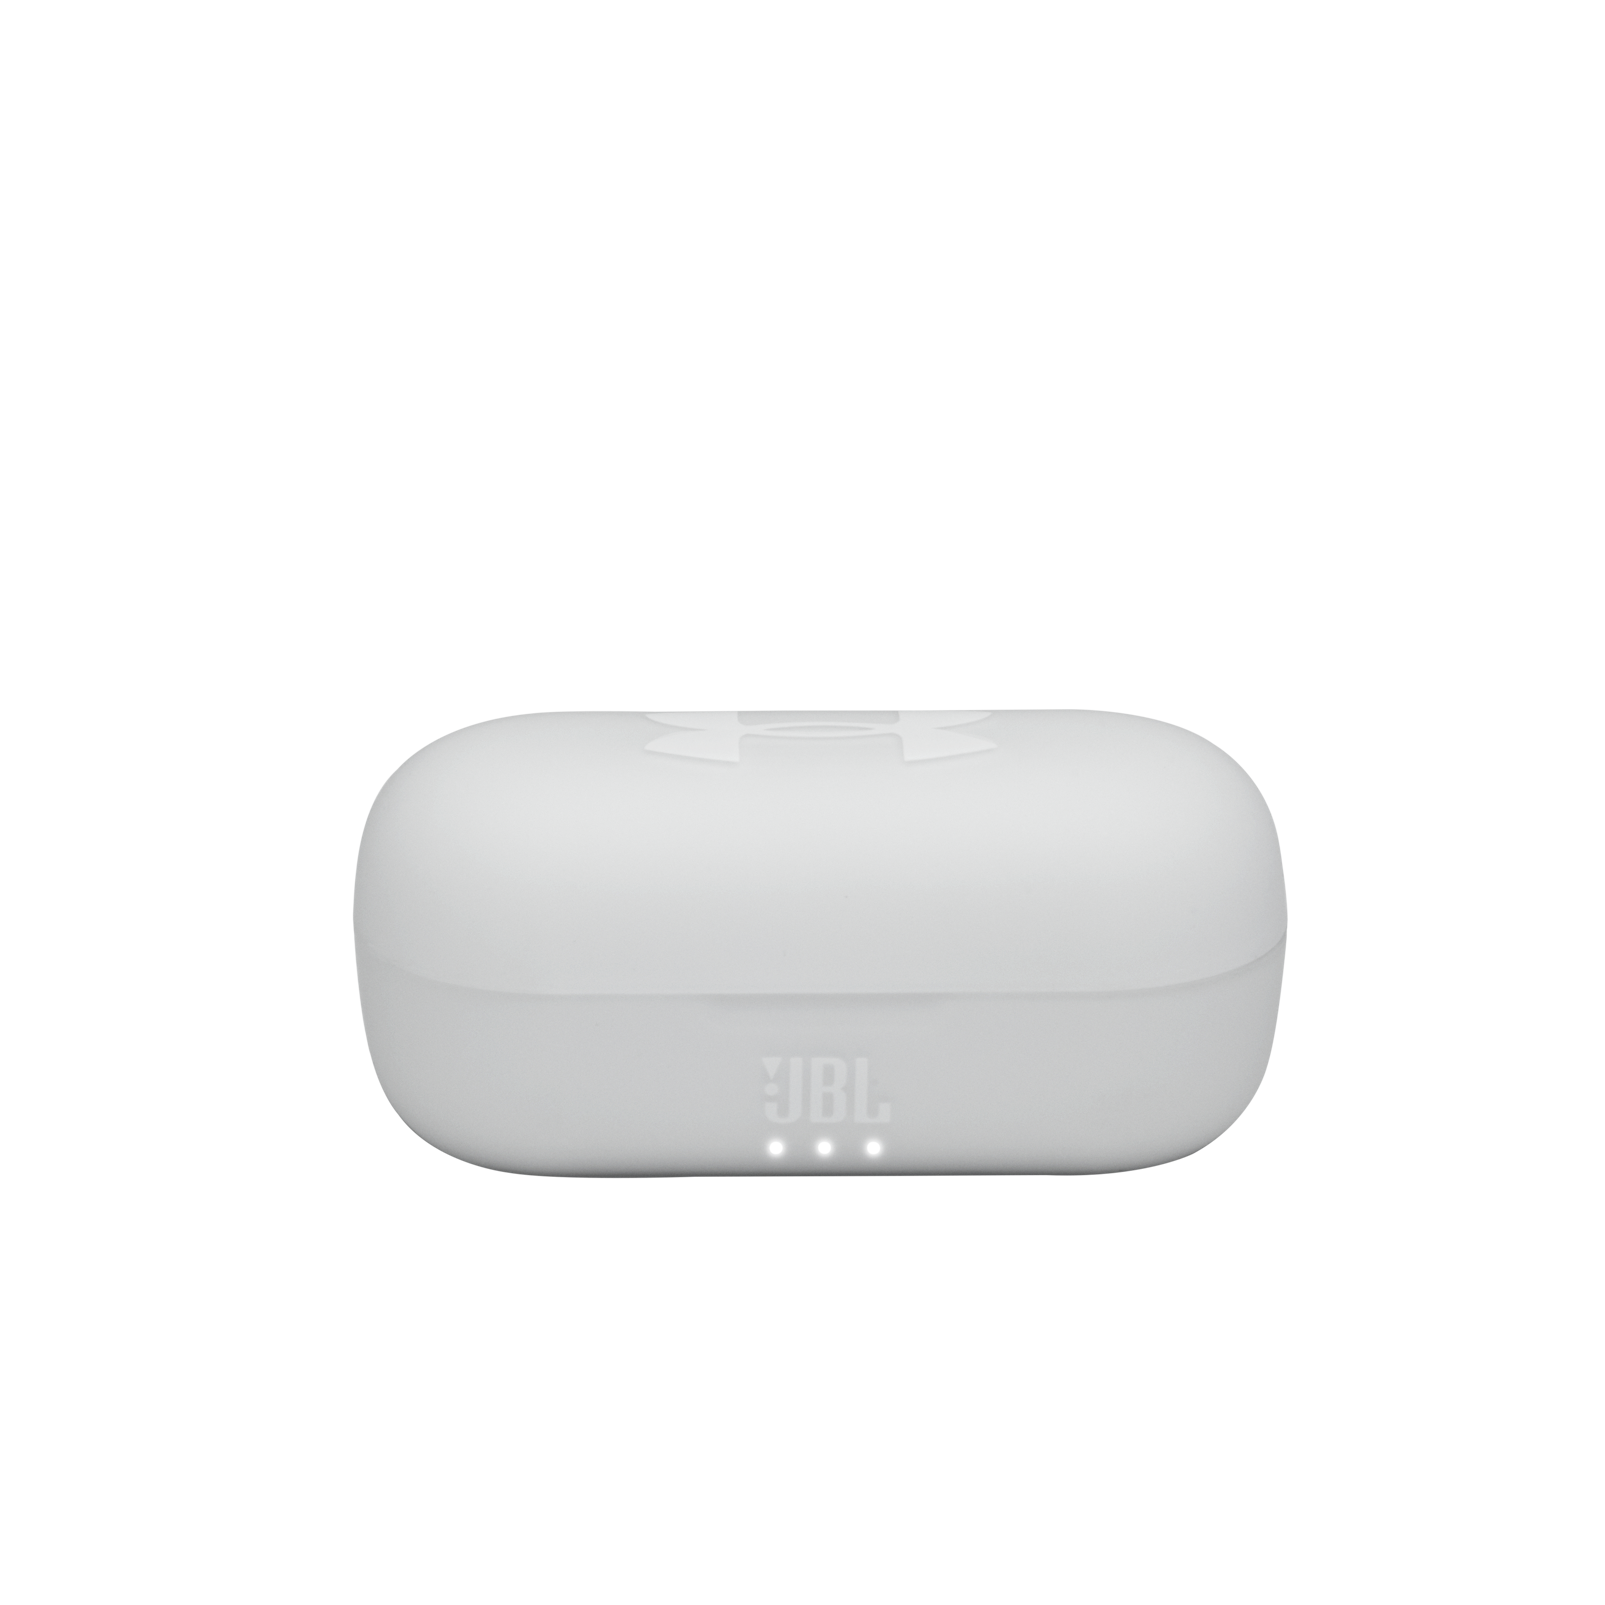 UA True Wireless Streak - White - Ultra-compact In-Ear Sport Headphones - Detailshot 5